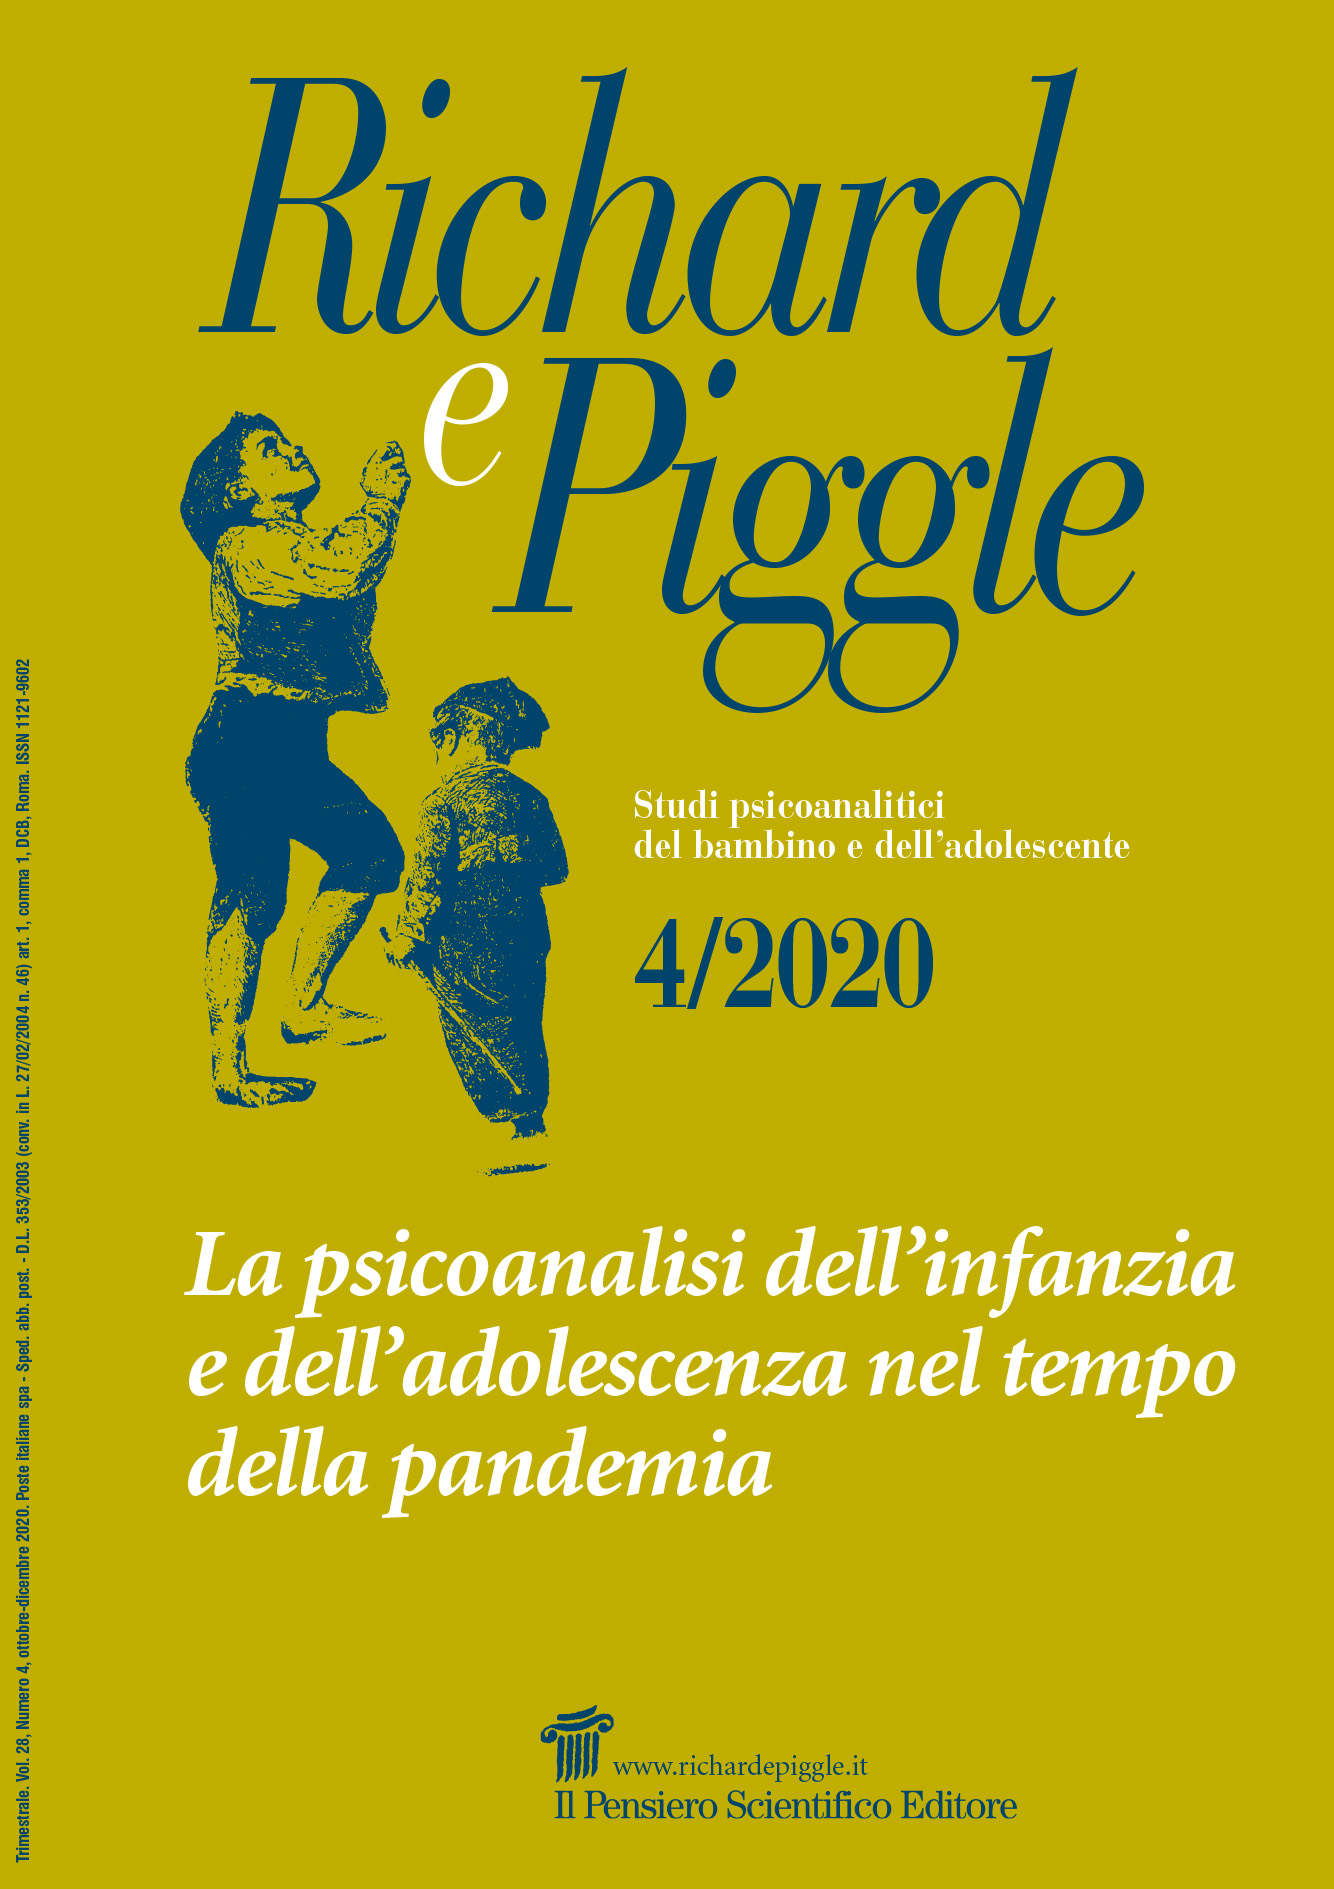 2020 Vol. 28 N. 4 Ottobre-DicembreLa psicoanalisi dell'infanzia e dell'adolescenza nel tempo  della pandemia